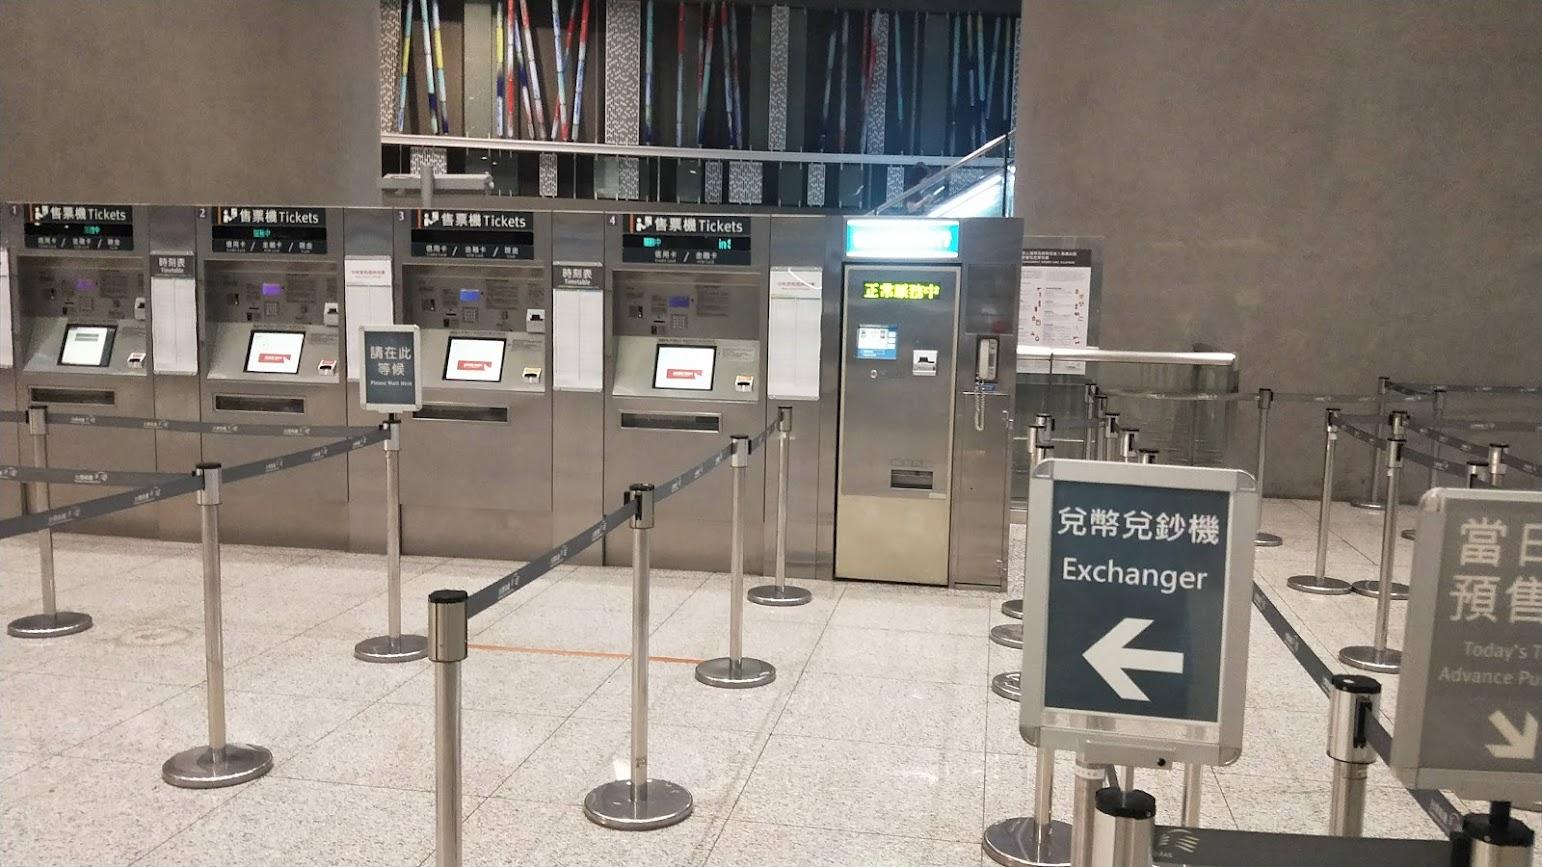 硬幣換成鈔票 - 高鐵車站 - 兌幣兌鈔機(Exchanger) @ 隨手記錄 :: 痞客邦